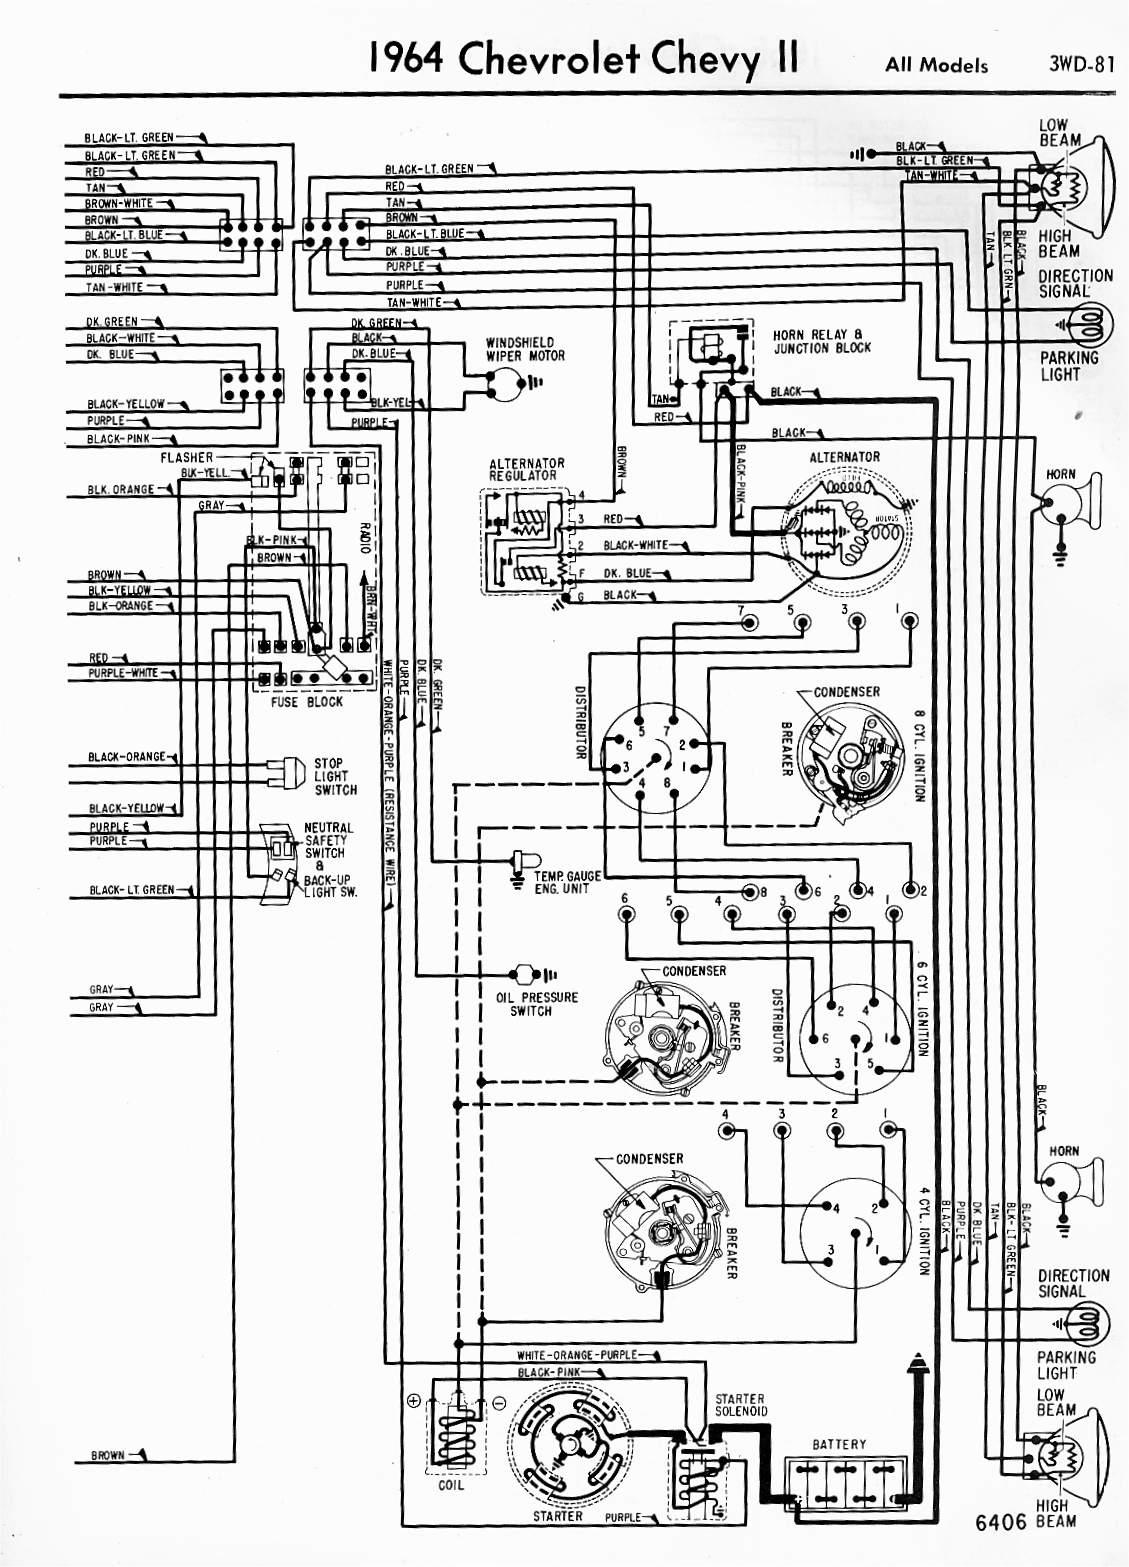 Strange Rks Wiring Diagram Basic Electronics Wiring Diagram Wiring 101 Orsalhahutechinfo